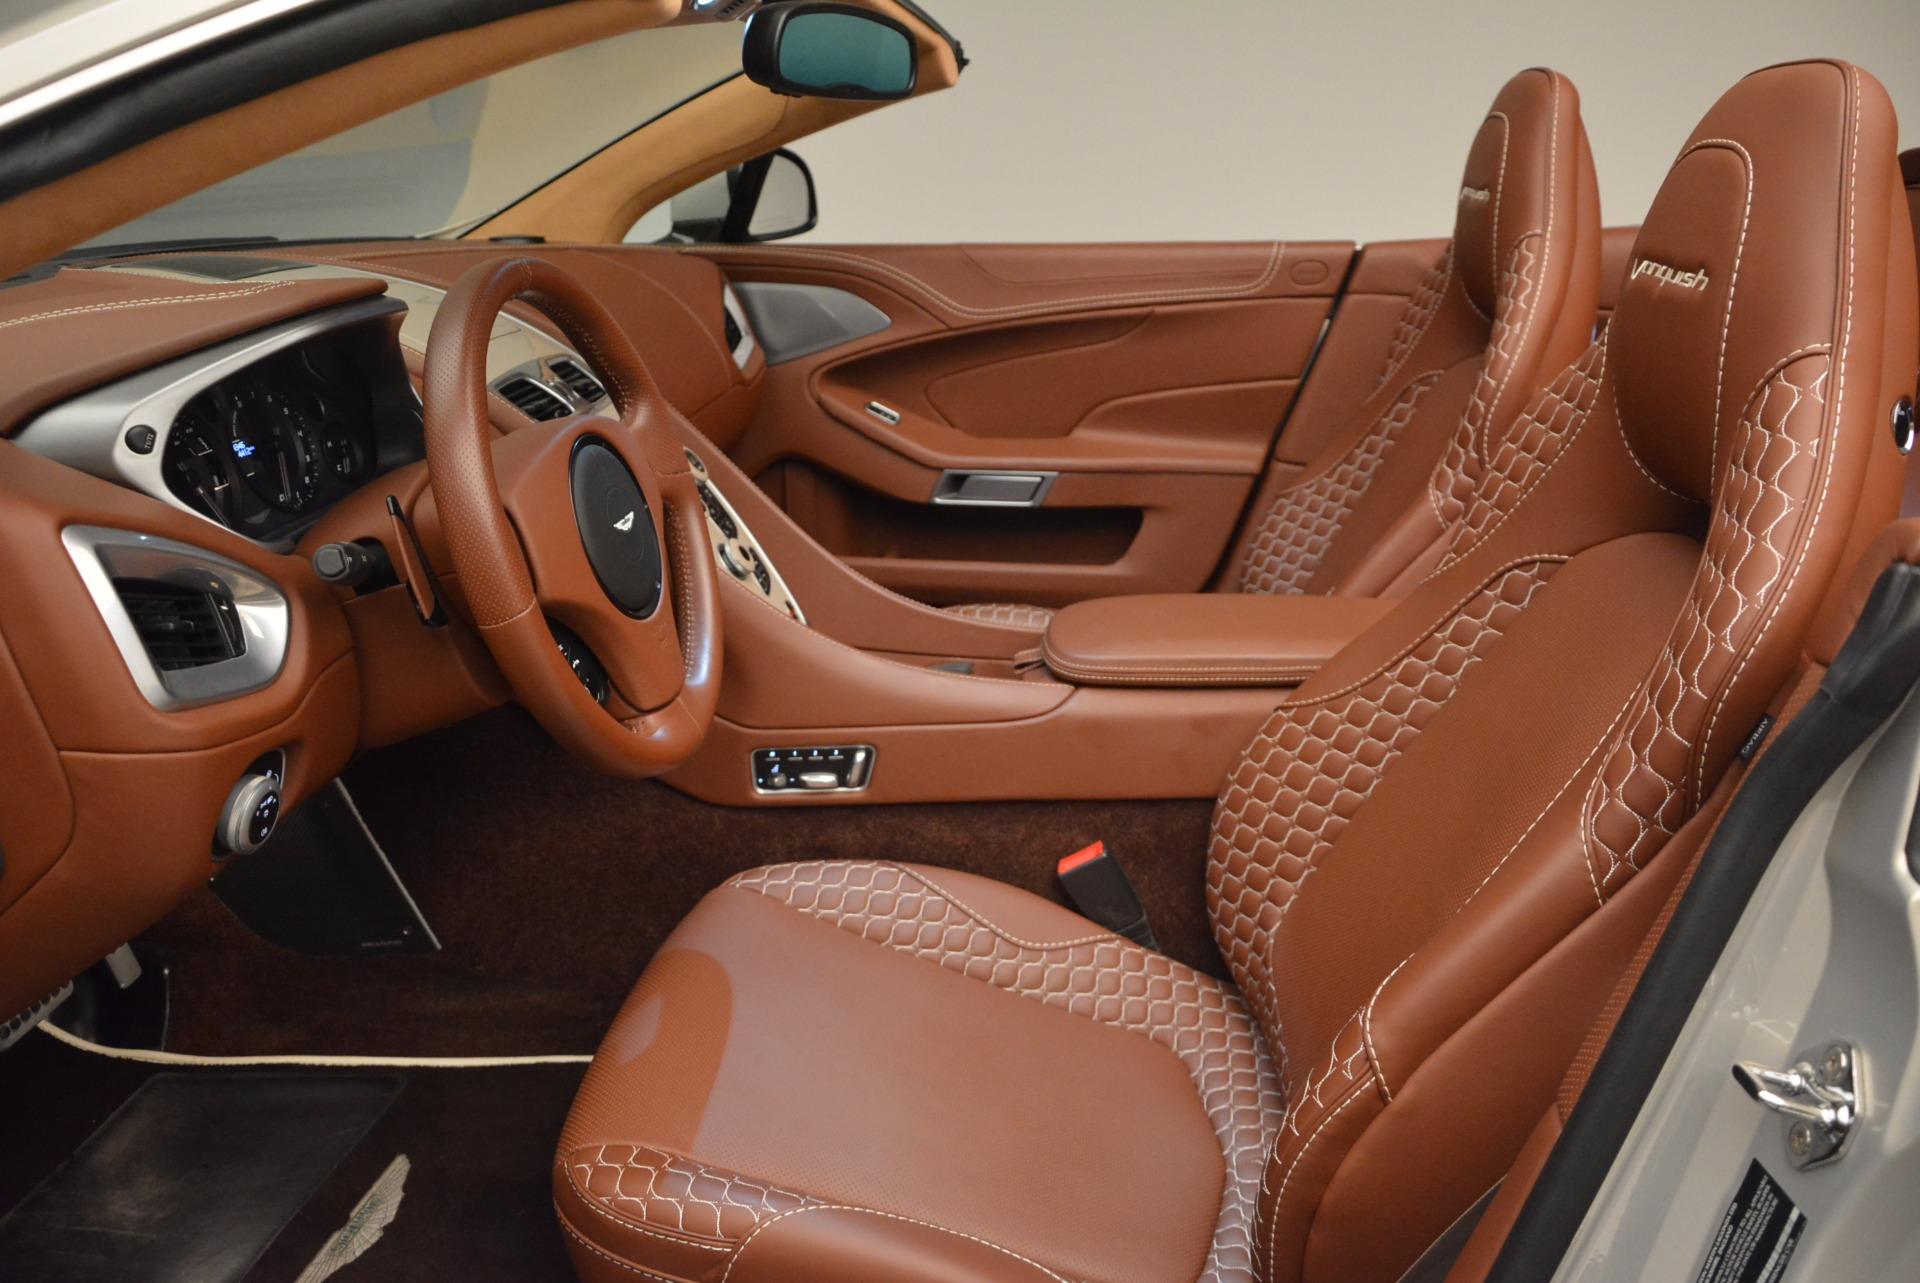 Used 2015 Aston Martin Vanquish Volante For Sale In Greenwich, CT. Alfa Romeo of Greenwich, 7248 1448_p20